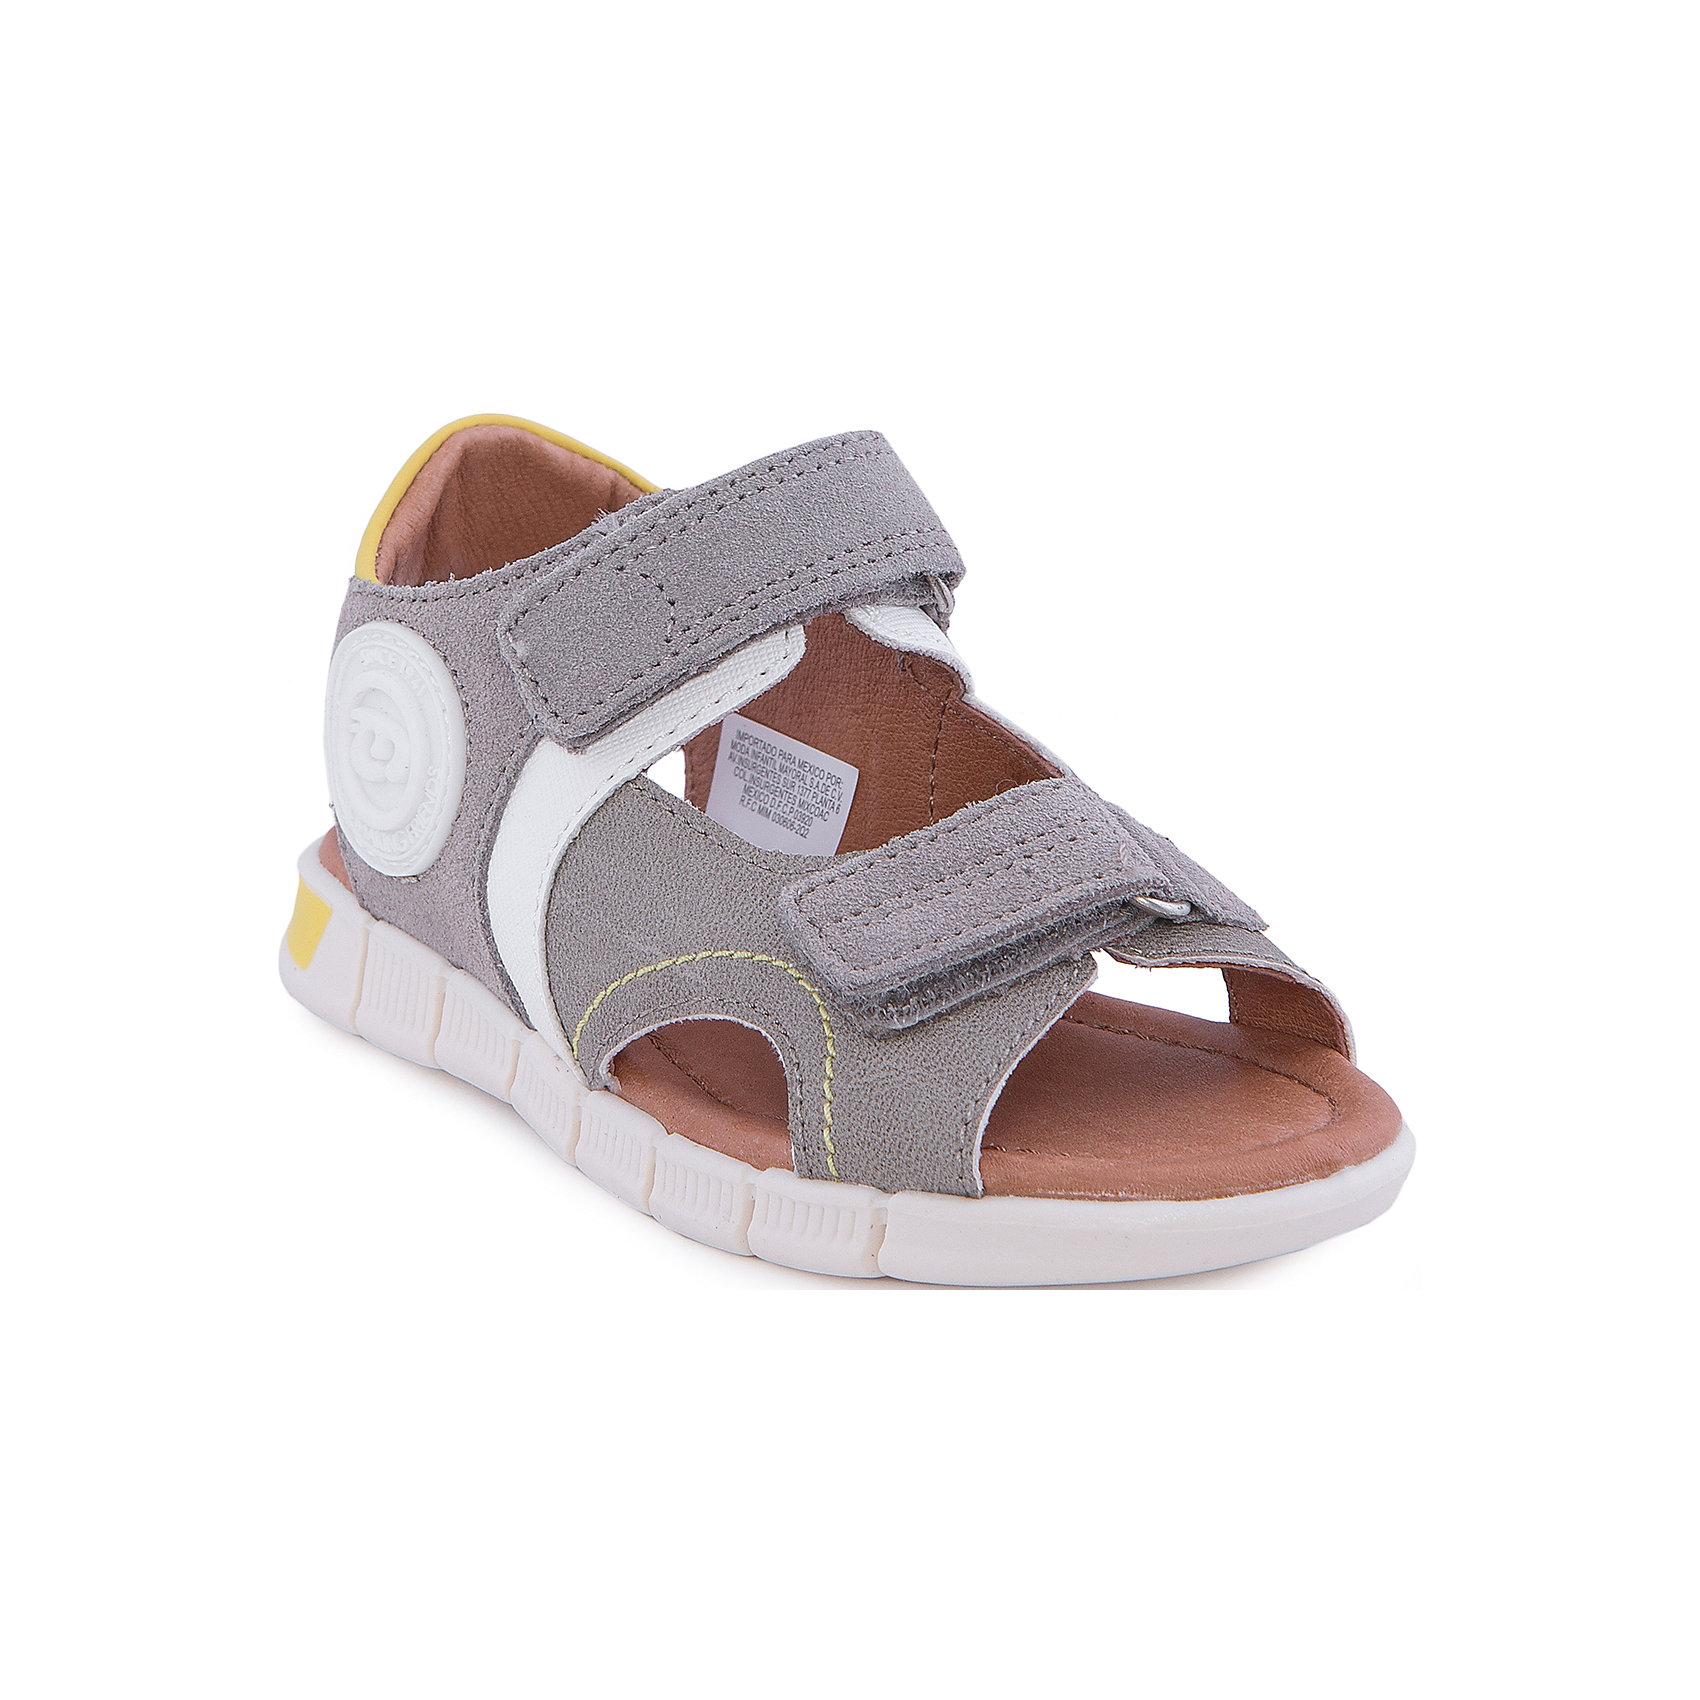 Сандалии MayoralСандалии от известной испанской марки Mayoral - прекрасный вариант для жаркой погоды или же сменной обуви. <br><br>Дополнительная информация:<br><br>- Рифленая антискользящая подошва. <br>- Застегиваются на липучки. <br>- Яркие кожаные вставки.<br>- Декоративная прострочка.<br>- Состав: материал верха - 50 % натуральная кожа, 41 % полиуретан, 9% полиэстер; подкладка, стелька - 100% кожа; подошва - 100% полиуретан.<br><br>Сандалии Mayoral (Майорал) можно купить в нашем магазине.<br><br>Ширина мм: 219<br>Глубина мм: 154<br>Высота мм: 121<br>Вес г: 343<br>Цвет: серый<br>Возраст от месяцев: 60<br>Возраст до месяцев: 72<br>Пол: Унисекс<br>Возраст: Детский<br>Размер: 29,31,30,32,28,27,26<br>SKU: 4540212